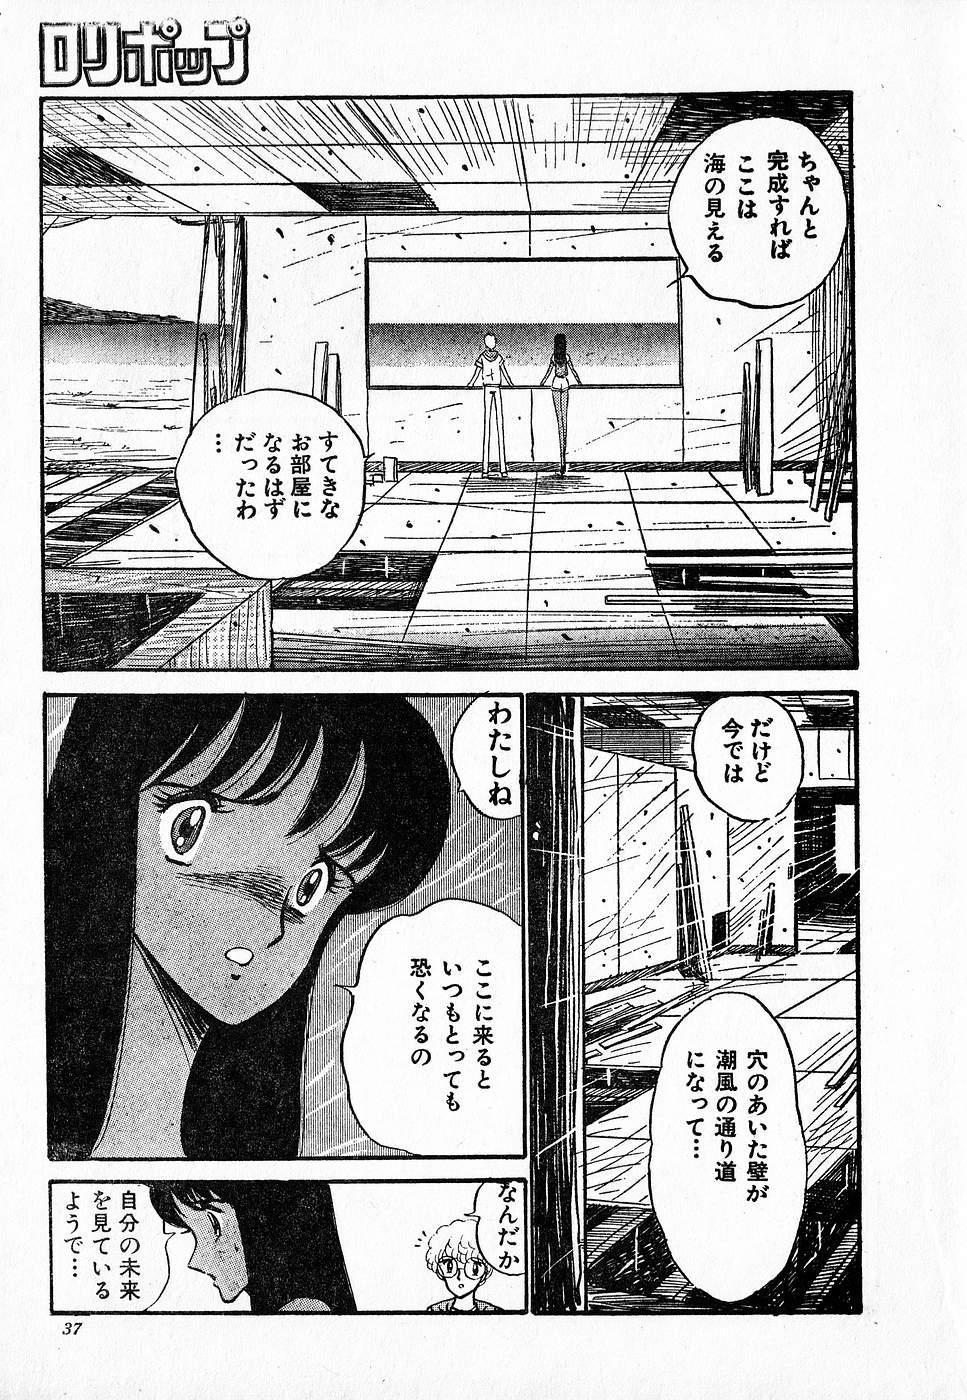 COMIC Lolipop 1985-10 Soukanjunbigou Aki 36